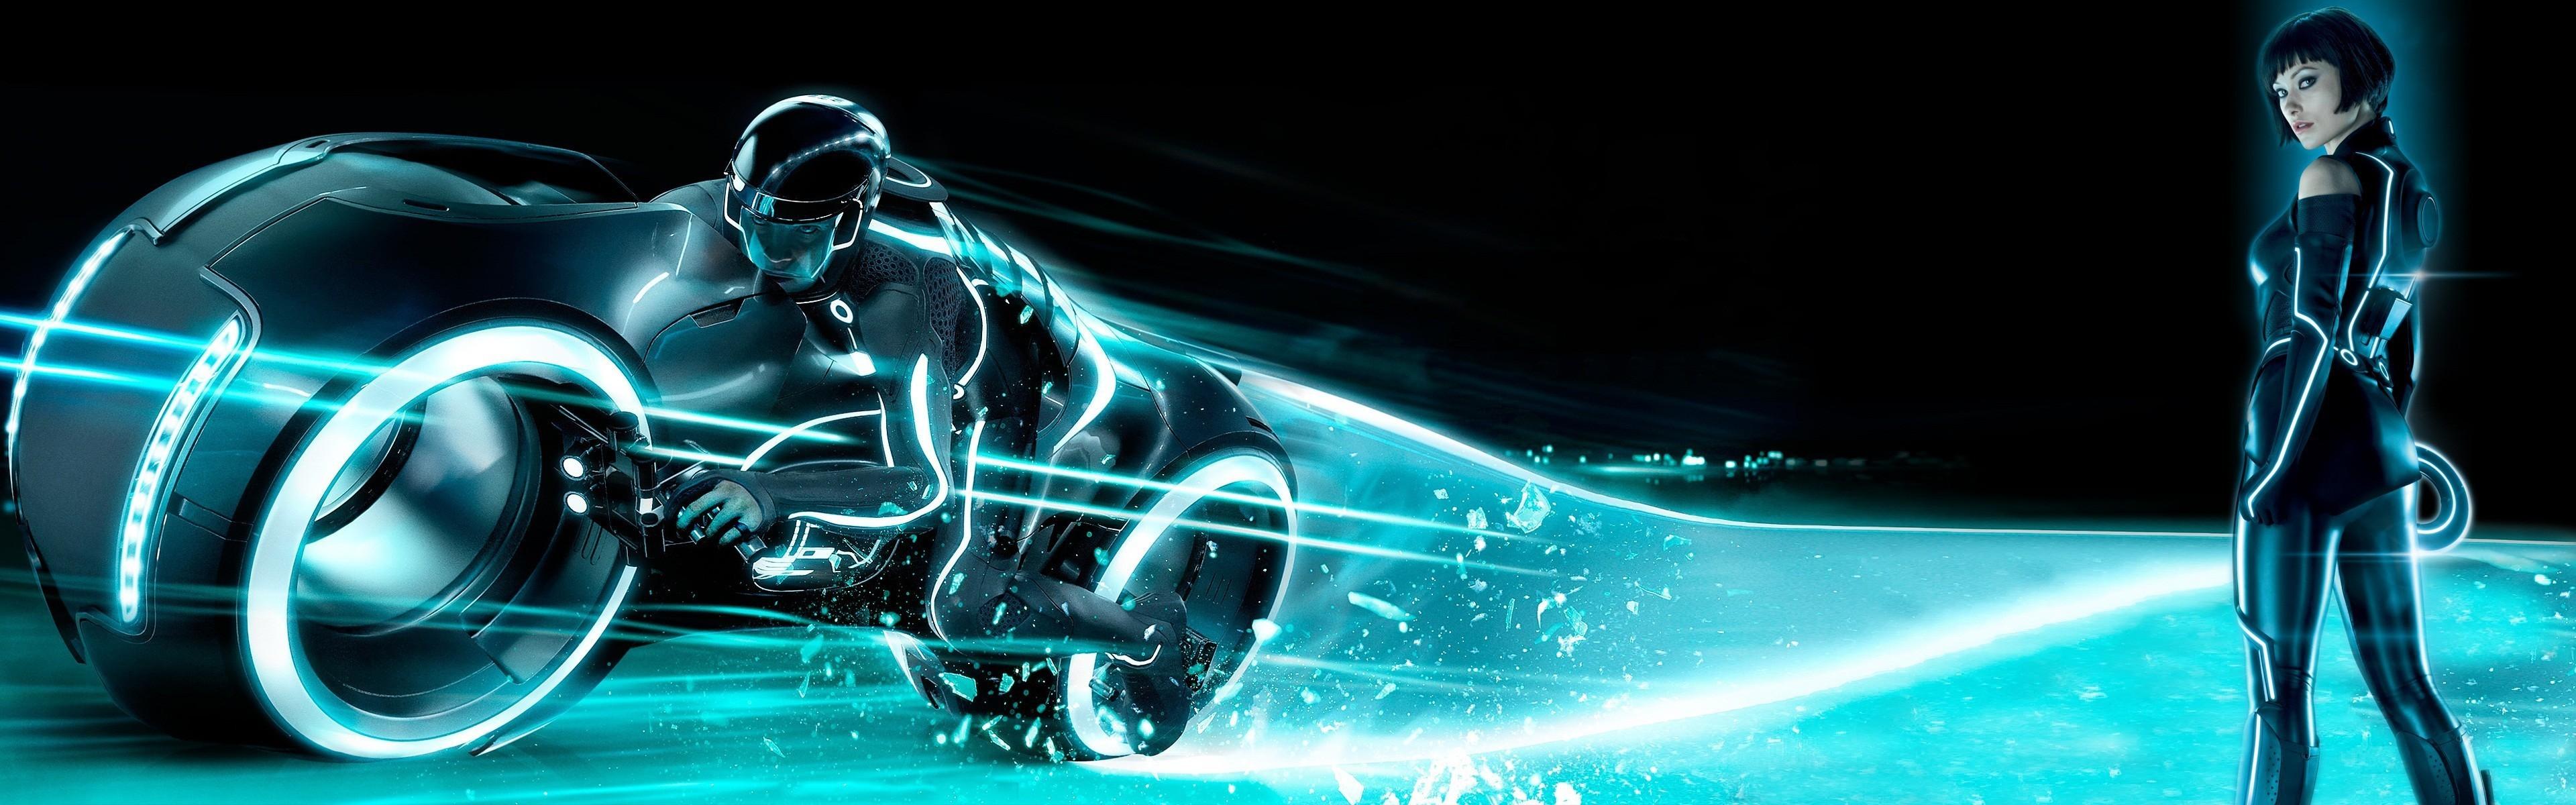 Olivia Wilde Tron Legacy Via Www Tron Legacy 3840x1200 Wallpaper Teahub Io